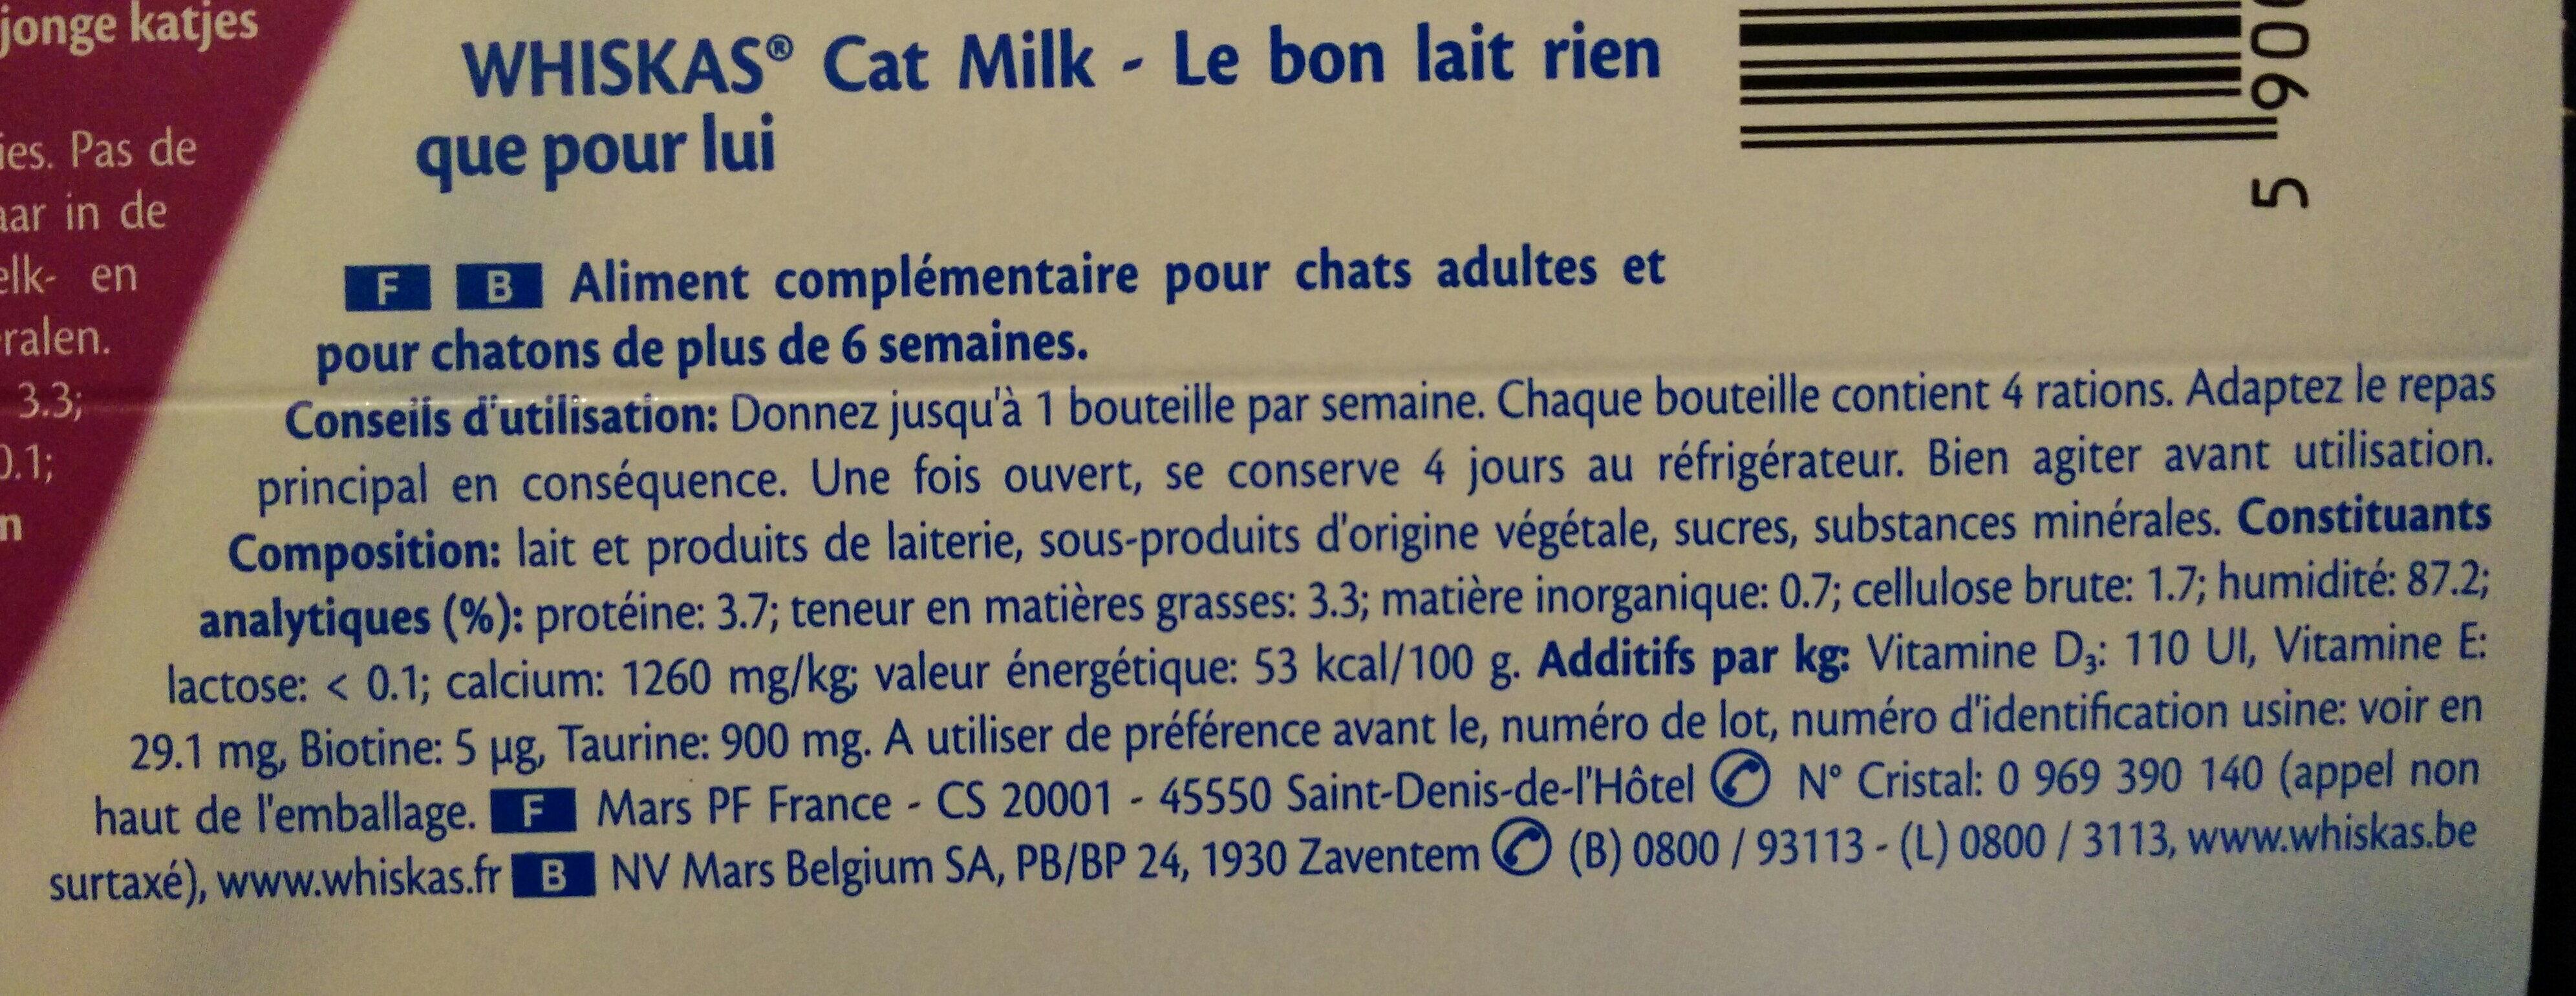 Lait pour chats et chatons - Nutrition facts - fr